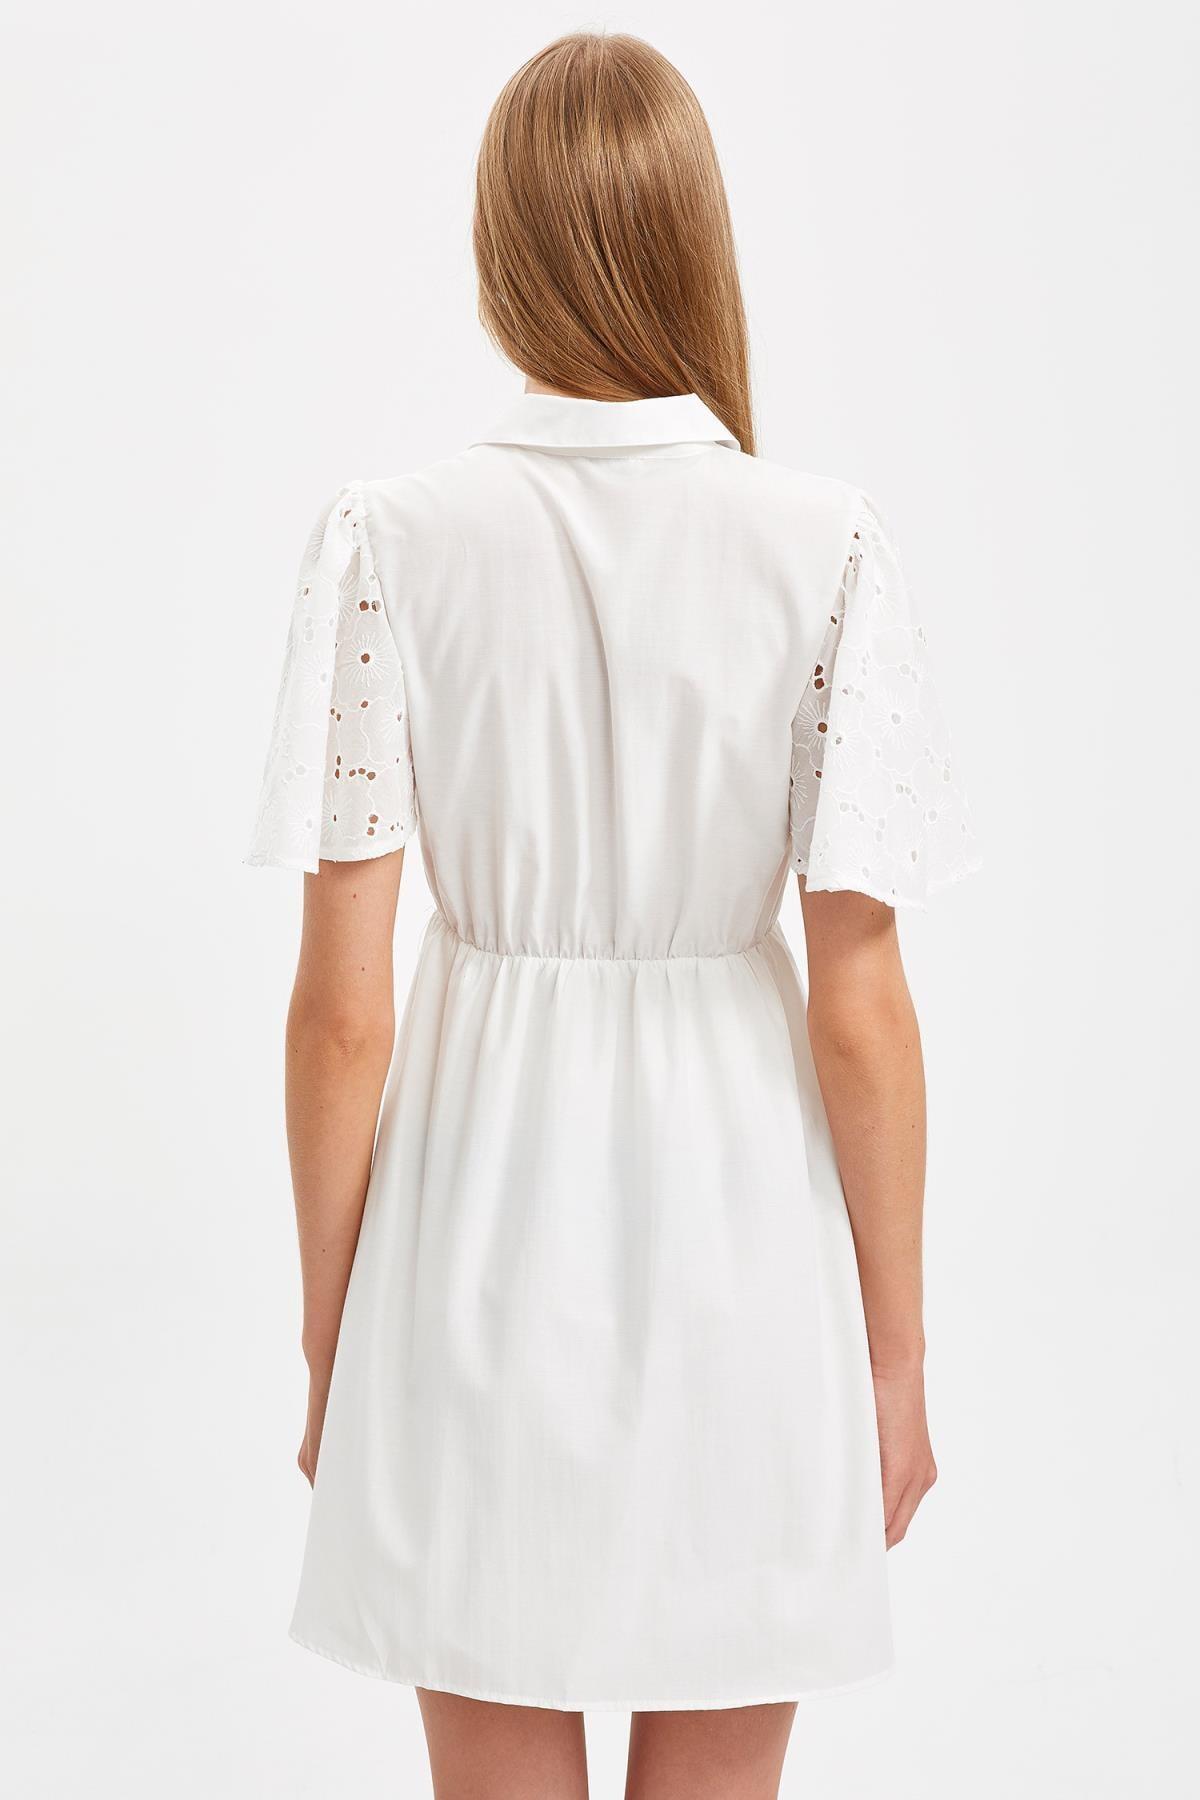 Defacto Kadın Beyaz Mini Boy Güpür Detaylı Gömlek Elbise S4879AZ20HS 3